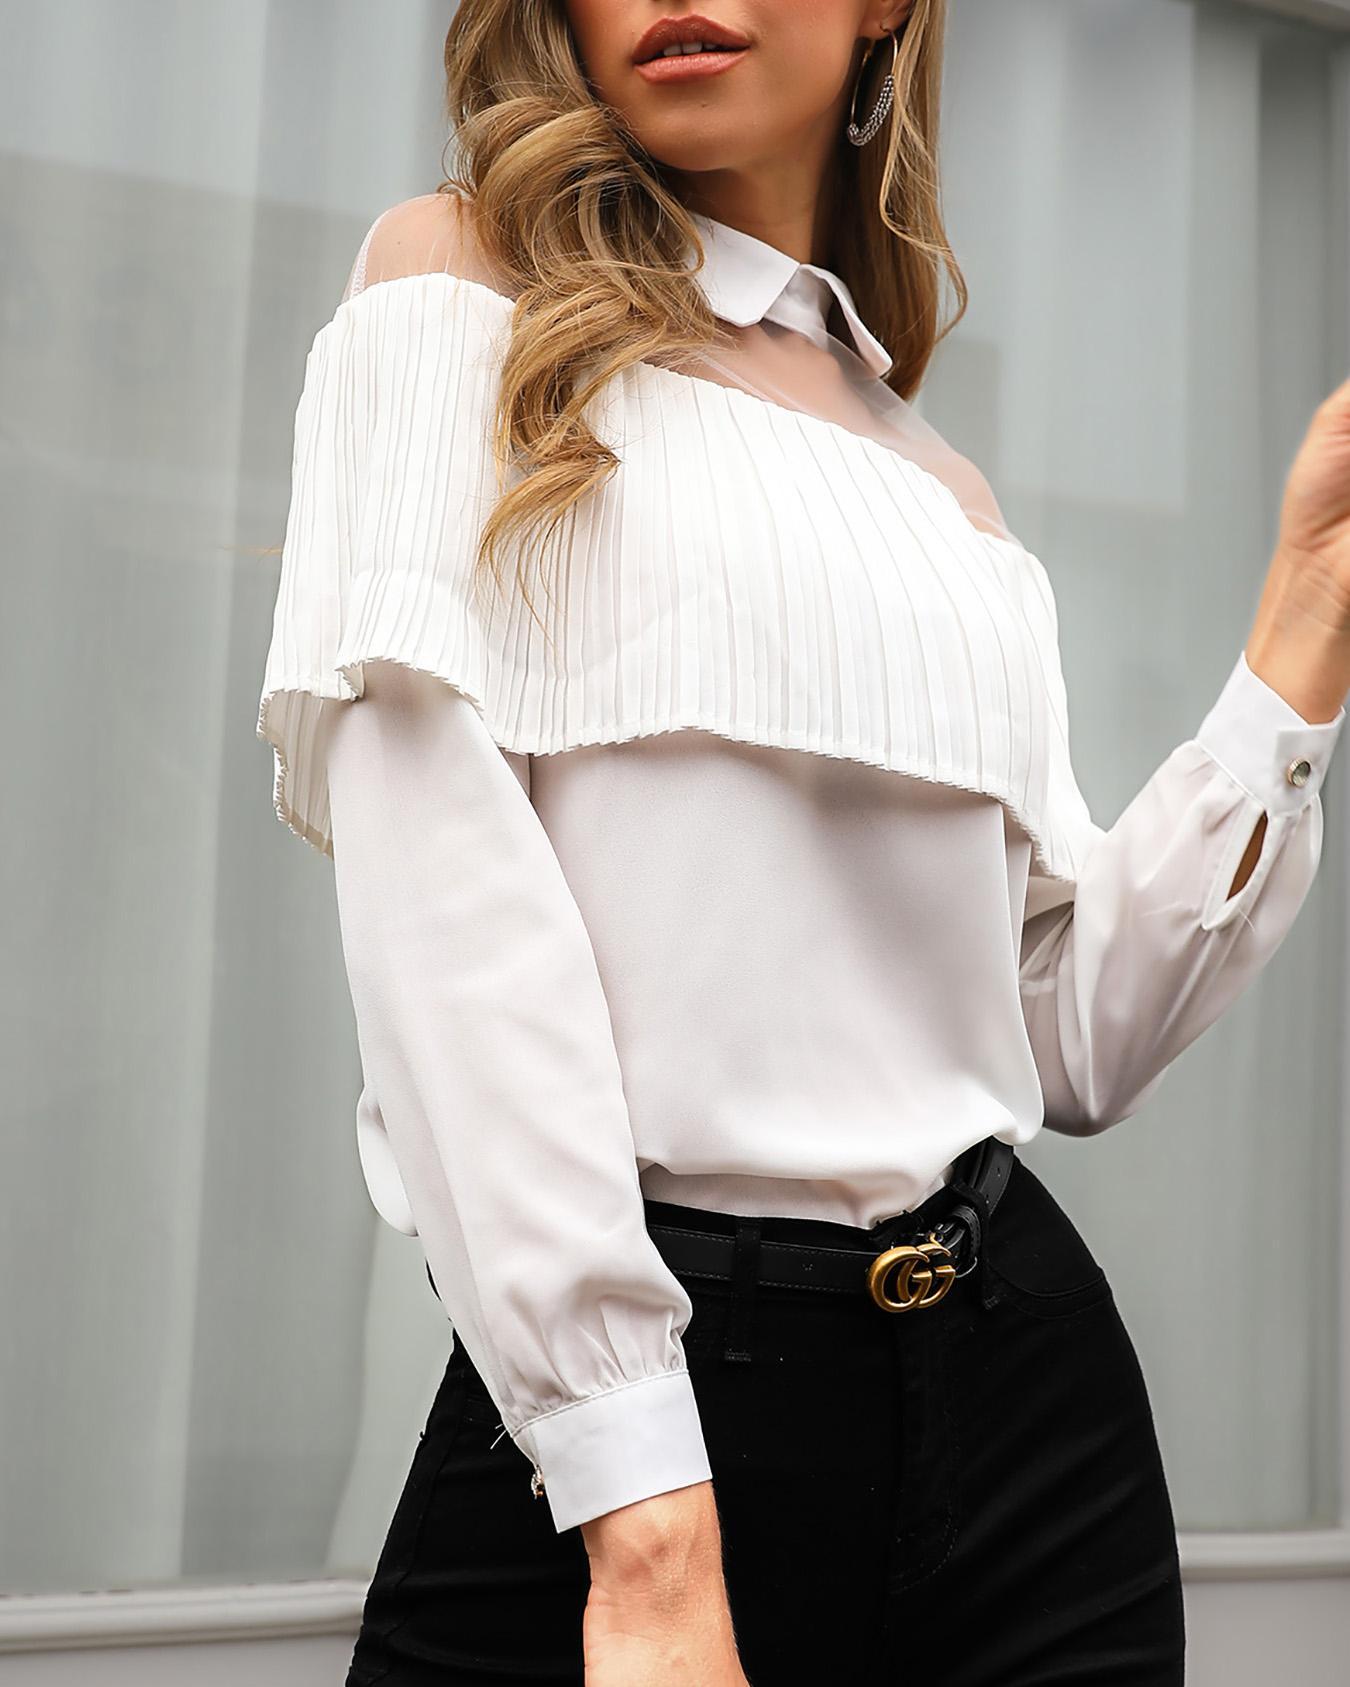 ivrose / Blusa de manga larga con aplicación de malla transparente